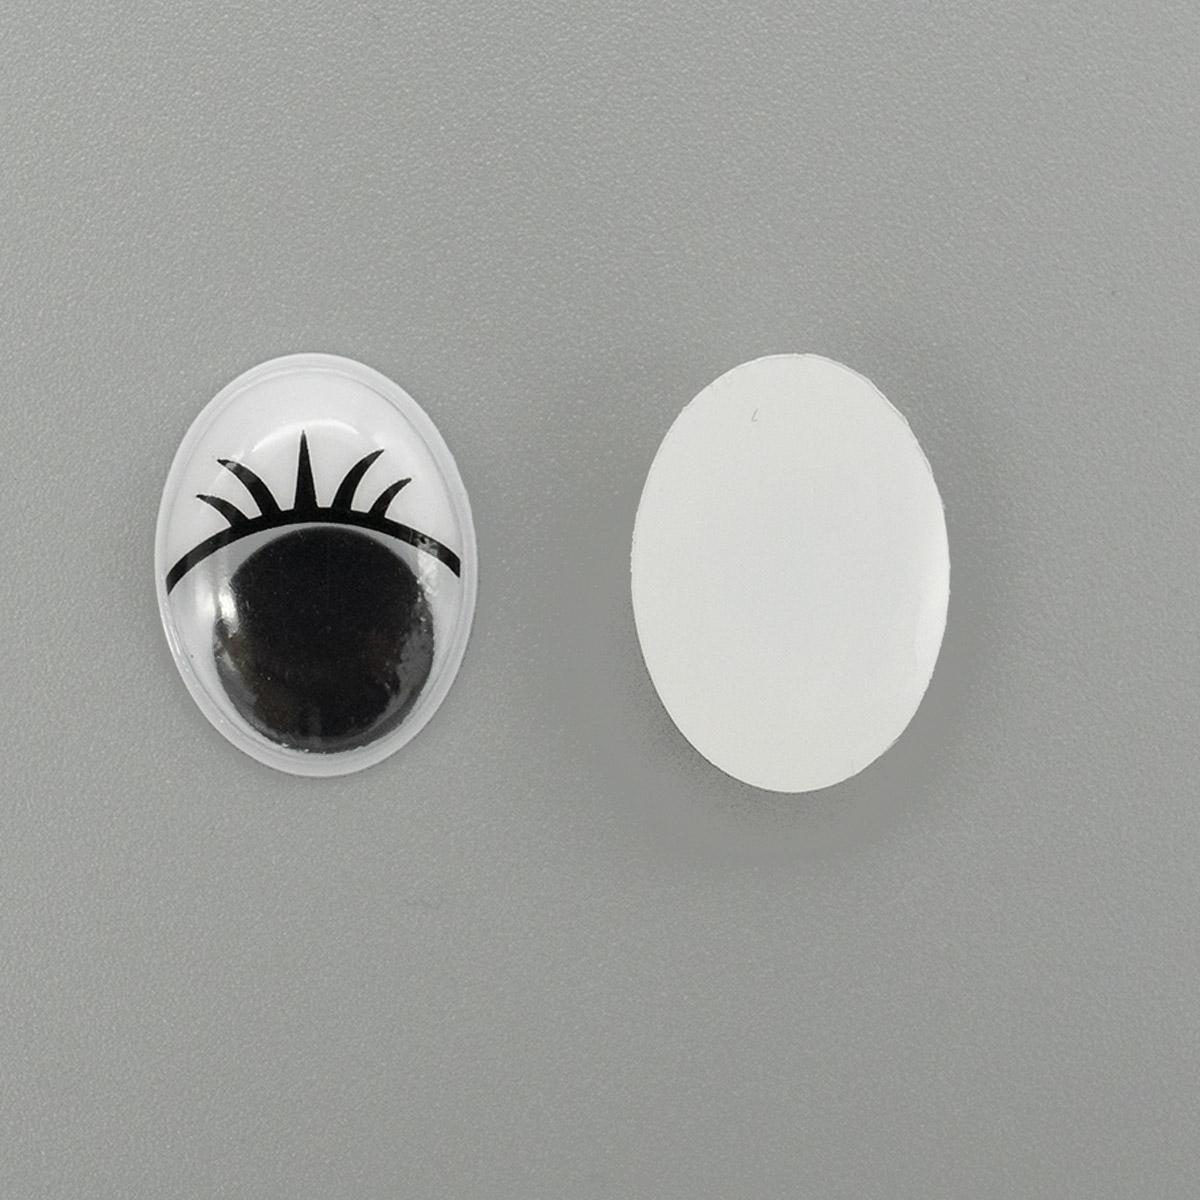 AR1616-2 Глаза овальные с ресничками 12*16мм